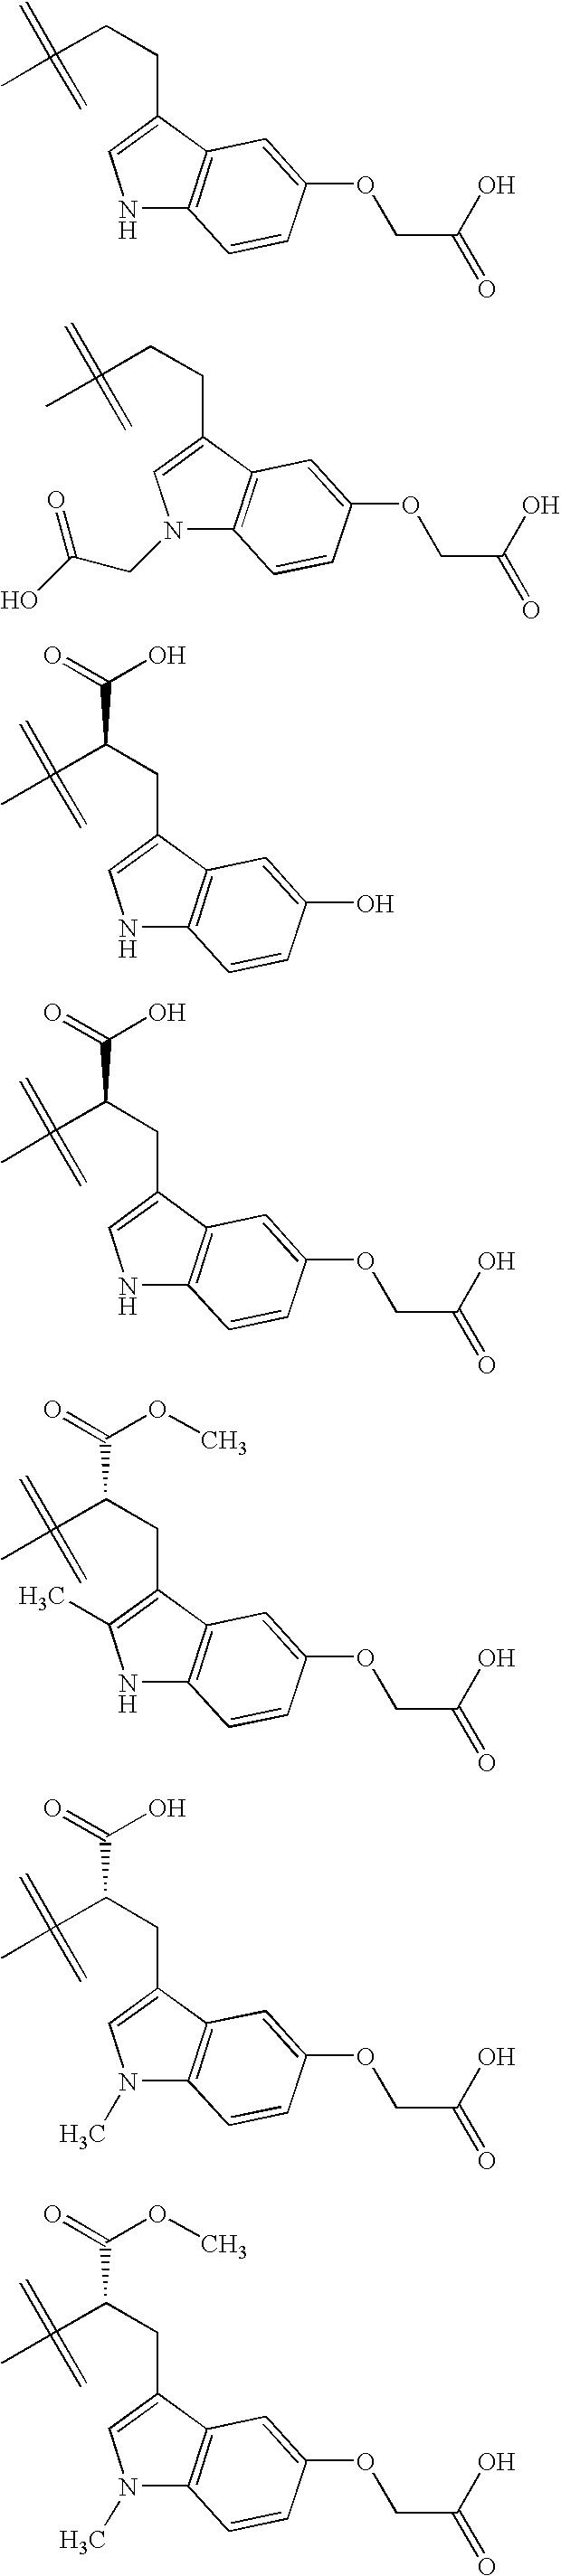 Figure US20070049593A1-20070301-C00118